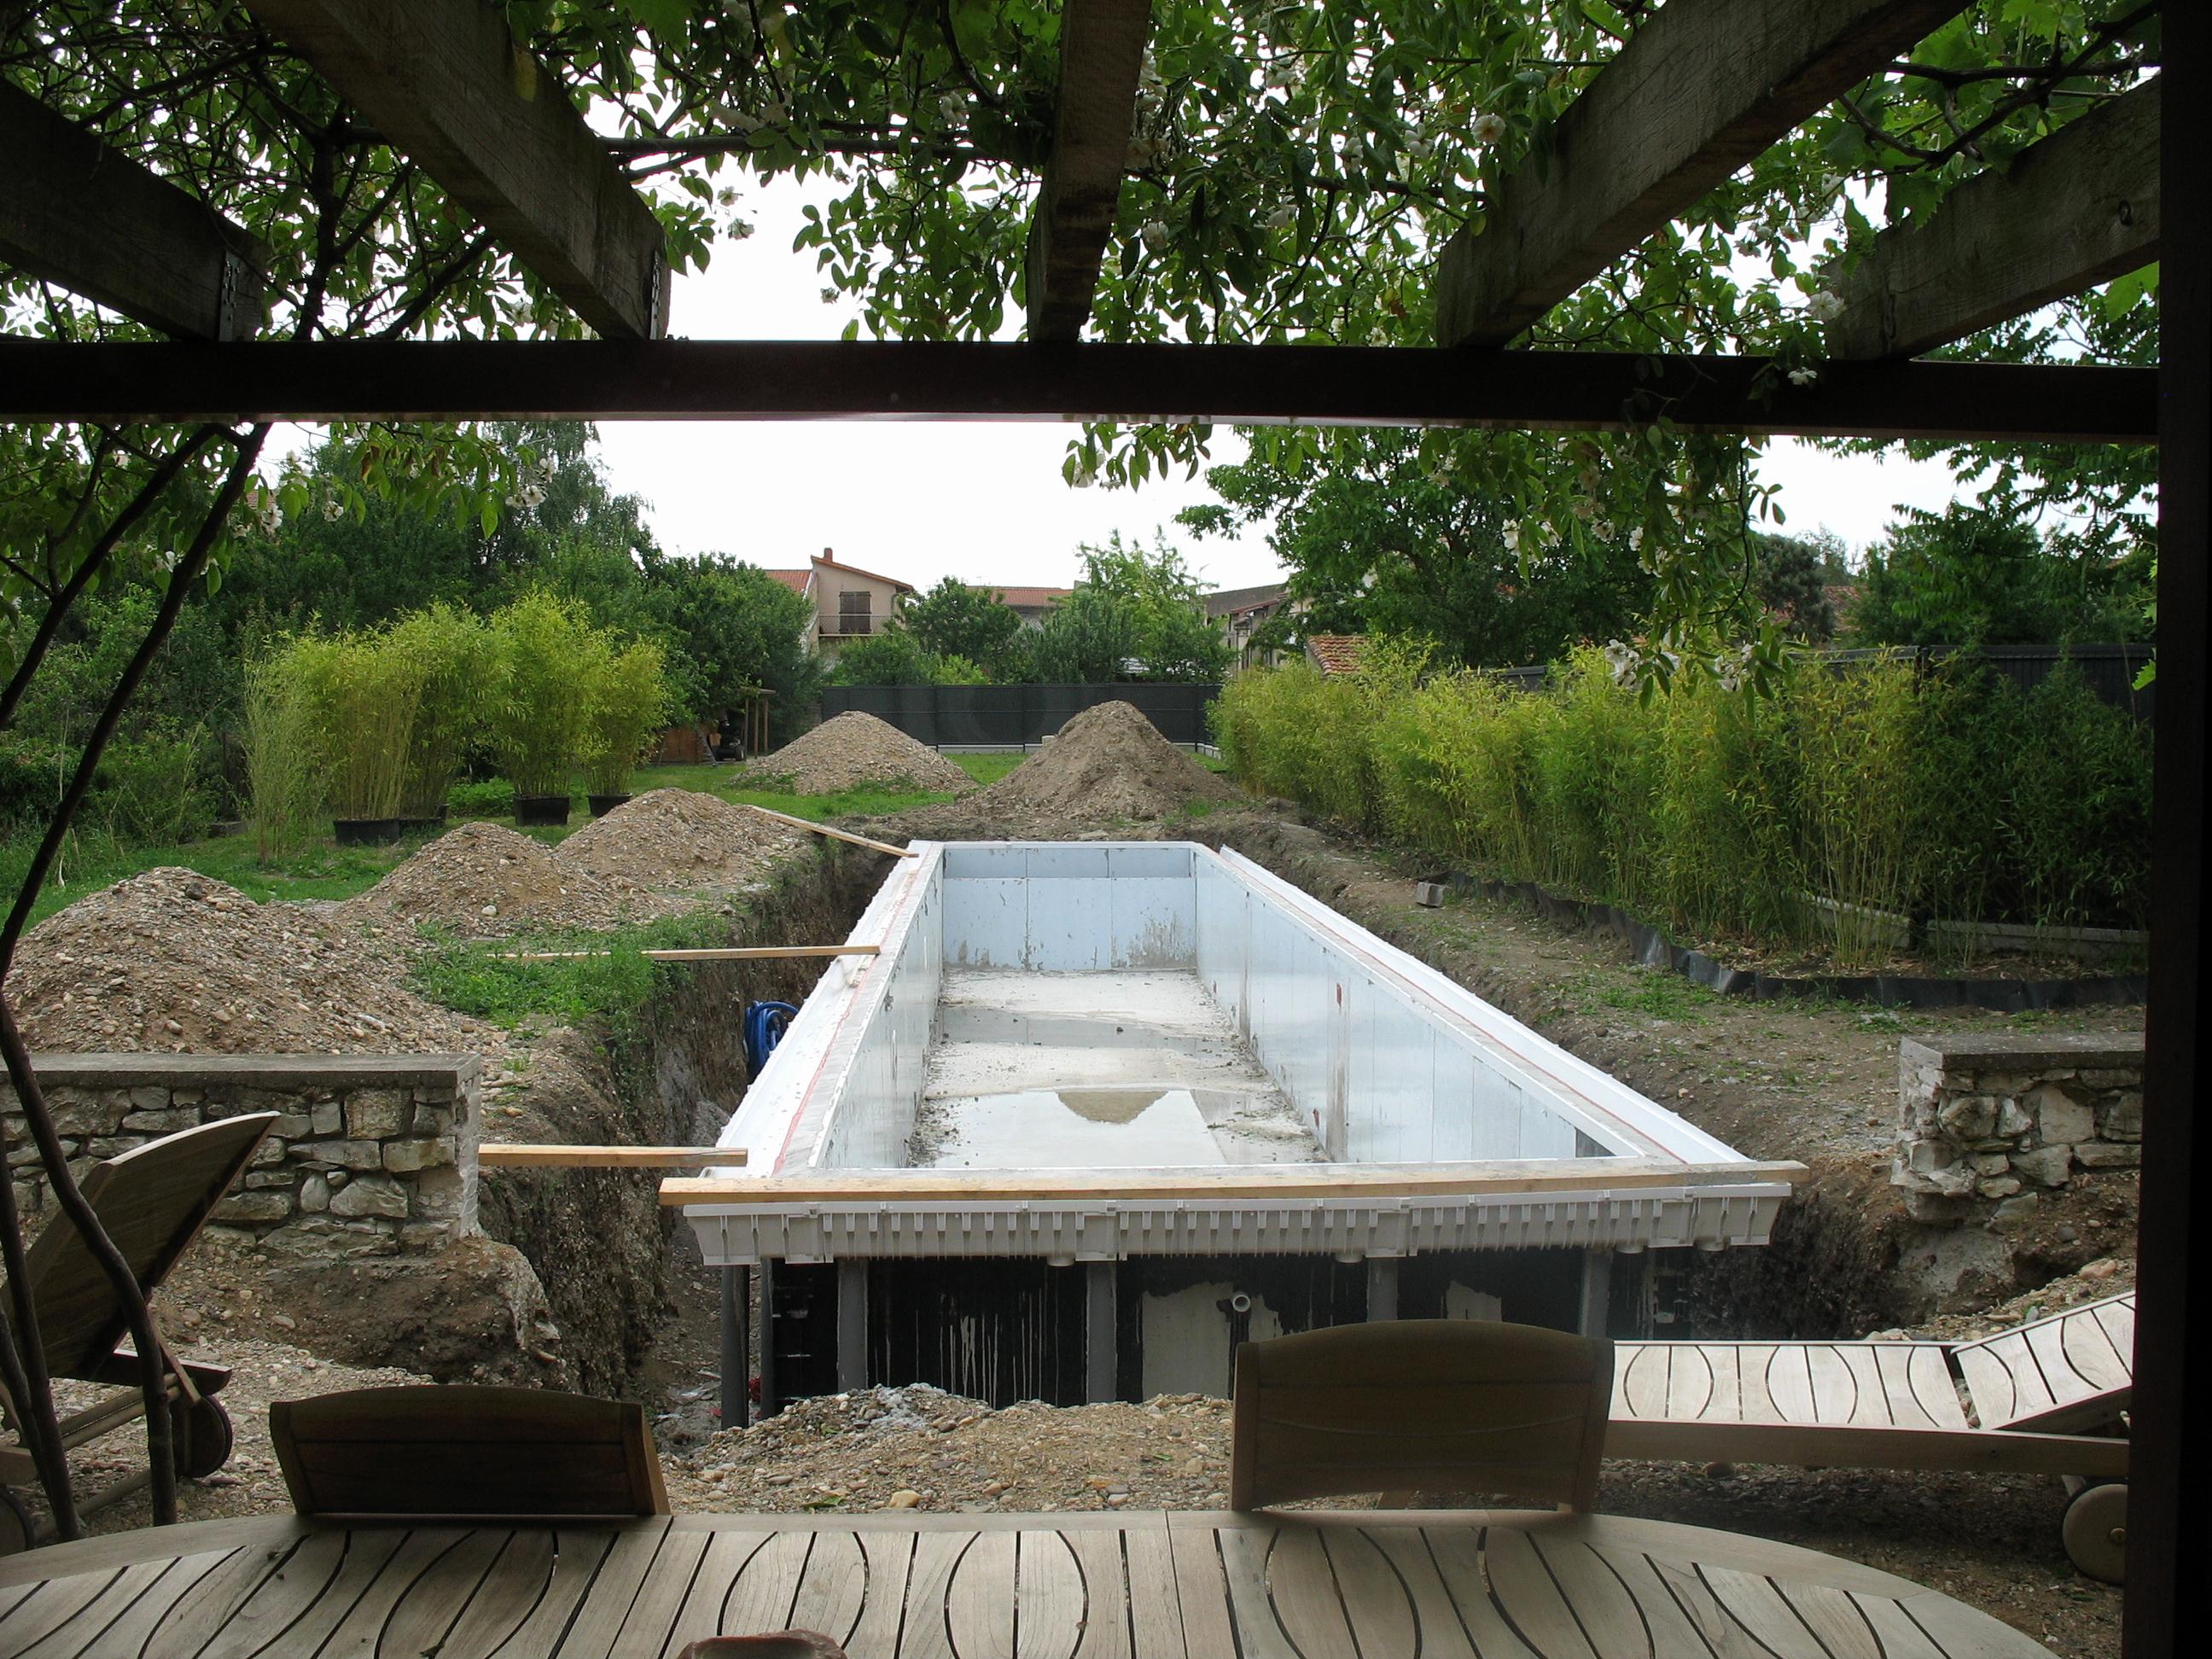 Jardin Zen Wallpaper Nouveau Collection S Amenagement Jardin Paysager élégant Jardin A Visiter Lovely